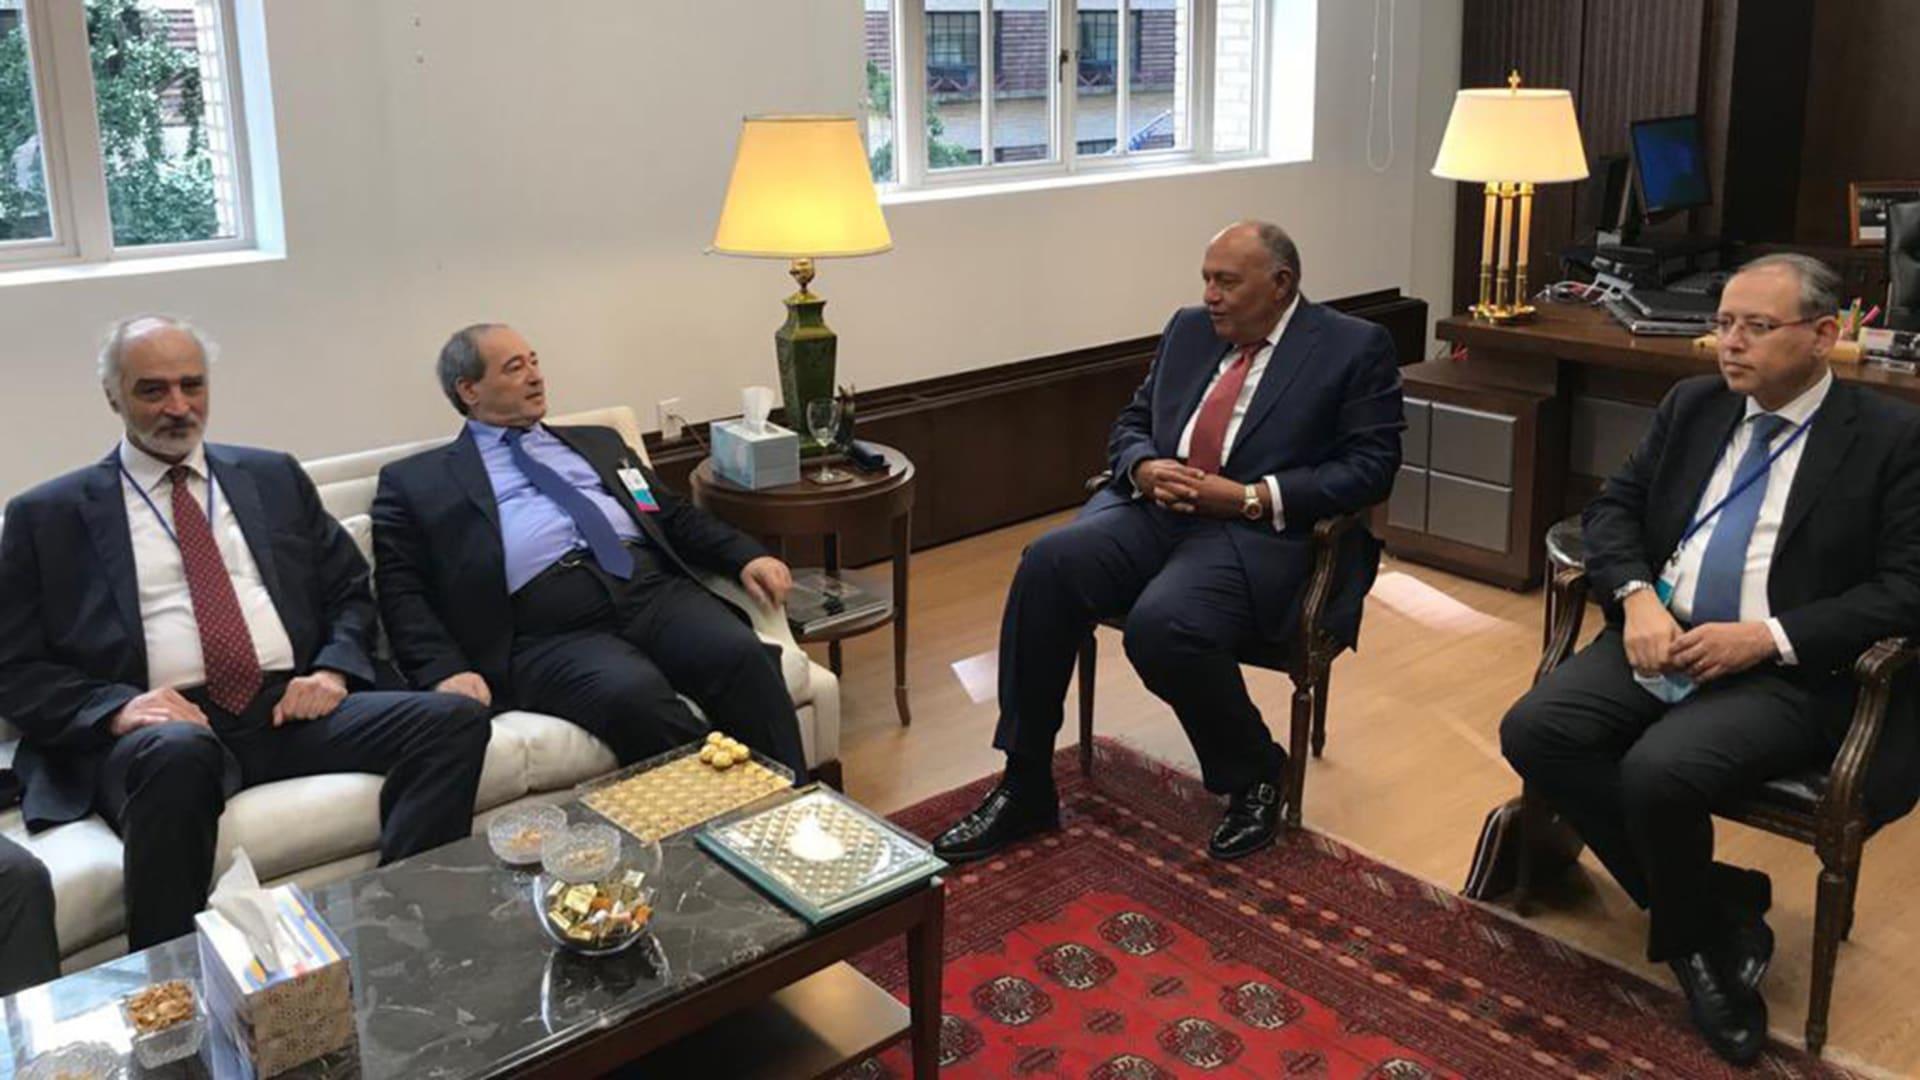 أول لقاء بين وزيري خارجية مصر وسوريا.. والمقداد: تجمعنا روابط تاريخية